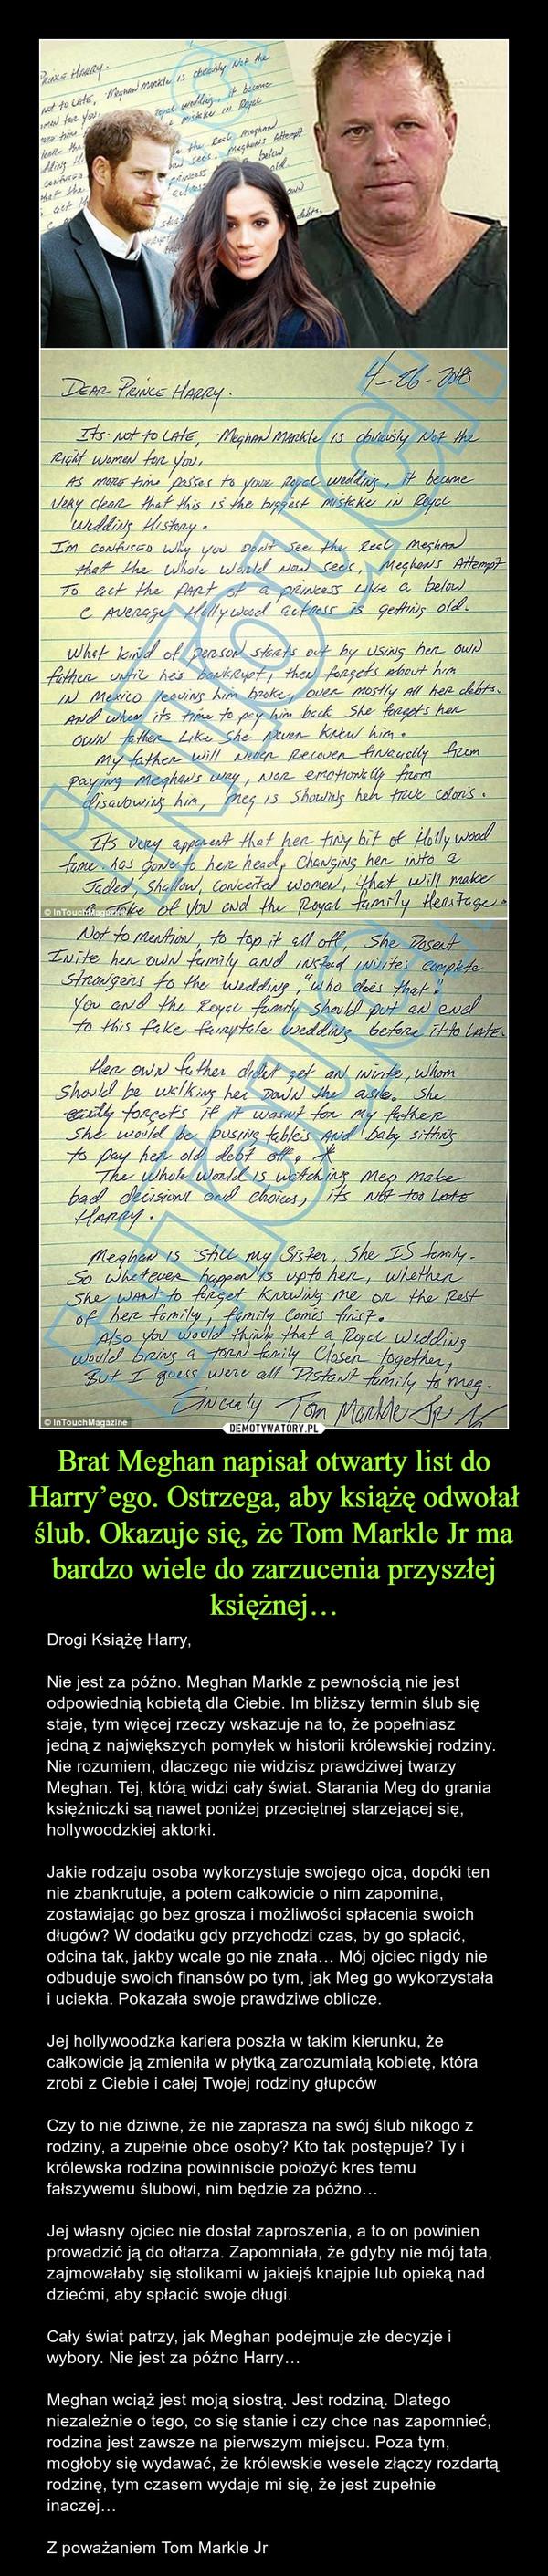 Brat Meghan napisał otwarty list do Harry'ego. Ostrzega, aby książę odwołał ślub. Okazuje się, że Tom Markle Jr ma bardzo wiele do zarzucenia przyszłej księżnej… – Drogi Książę Harry,Nie jest za późno. Meghan Markle z pewnością nie jest odpowiednią kobietą dla Ciebie. Im bliższy termin ślub się staje, tym więcej rzeczy wskazuje na to, że popełniasz jedną z największych pomyłek w historii królewskiej rodziny. Nie rozumiem, dlaczego nie widzisz prawdziwej twarzy Meghan. Tej, którą widzi cały świat. Starania Meg do grania księżniczki są nawet poniżej przeciętnej starzejącej się, hollywoodzkiej aktorki.Jakie rodzaju osoba wykorzystuje swojego ojca, dopóki ten nie zbankrutuje, a potem całkowicie o nim zapomina, zostawiając go bez grosza i możliwości spłacenia swoich długów? W dodatku gdy przychodzi czas, by go spłacić, odcina tak, jakby wcale go nie znała… Mój ojciec nigdy nie odbuduje swoich finansów po tym, jak Meg go wykorzystała i uciekła. Pokazała swoje prawdziwe oblicze.Jej hollywoodzka kariera poszła w takim kierunku, że całkowicie ją zmieniła w płytką zarozumiałą kobietę, która zrobi z Ciebie i całej Twojej rodziny głupcówCzy to nie dziwne, że nie zaprasza na swój ślub nikogo z rodziny, a zupełnie obce osoby? Kto tak postępuje? Ty i królewska rodzina powinniście położyć kres temu fałszywemu ślubowi, nim będzie za późno…Jej własny ojciec nie dostał zaproszenia, a to on powinien prowadzić ją do ołtarza. Zapomniała, że gdyby nie mój tata, zajmowałaby się stolikami w jakiejś knajpie lub opieką nad dziećmi, aby spłacić swoje długi.Cały świat patrzy, jak Meghan podejmuje złe decyzje i wybory. Nie jest za późno Harry…Meghan wciąż jest moją siostrą. Jest rodziną. Dlatego niezależnie o tego, co się stanie i czy chce nas zapomnieć, rodzina jest zawsze na pierwszym miejscu. Poza tym, mogłoby się wydawać, że królewskie wesele złączy rozdartą rodzinę, tym czasem wydaje mi się, że jest zupełnie inaczej…Z poważaniem Tom Markle Jr